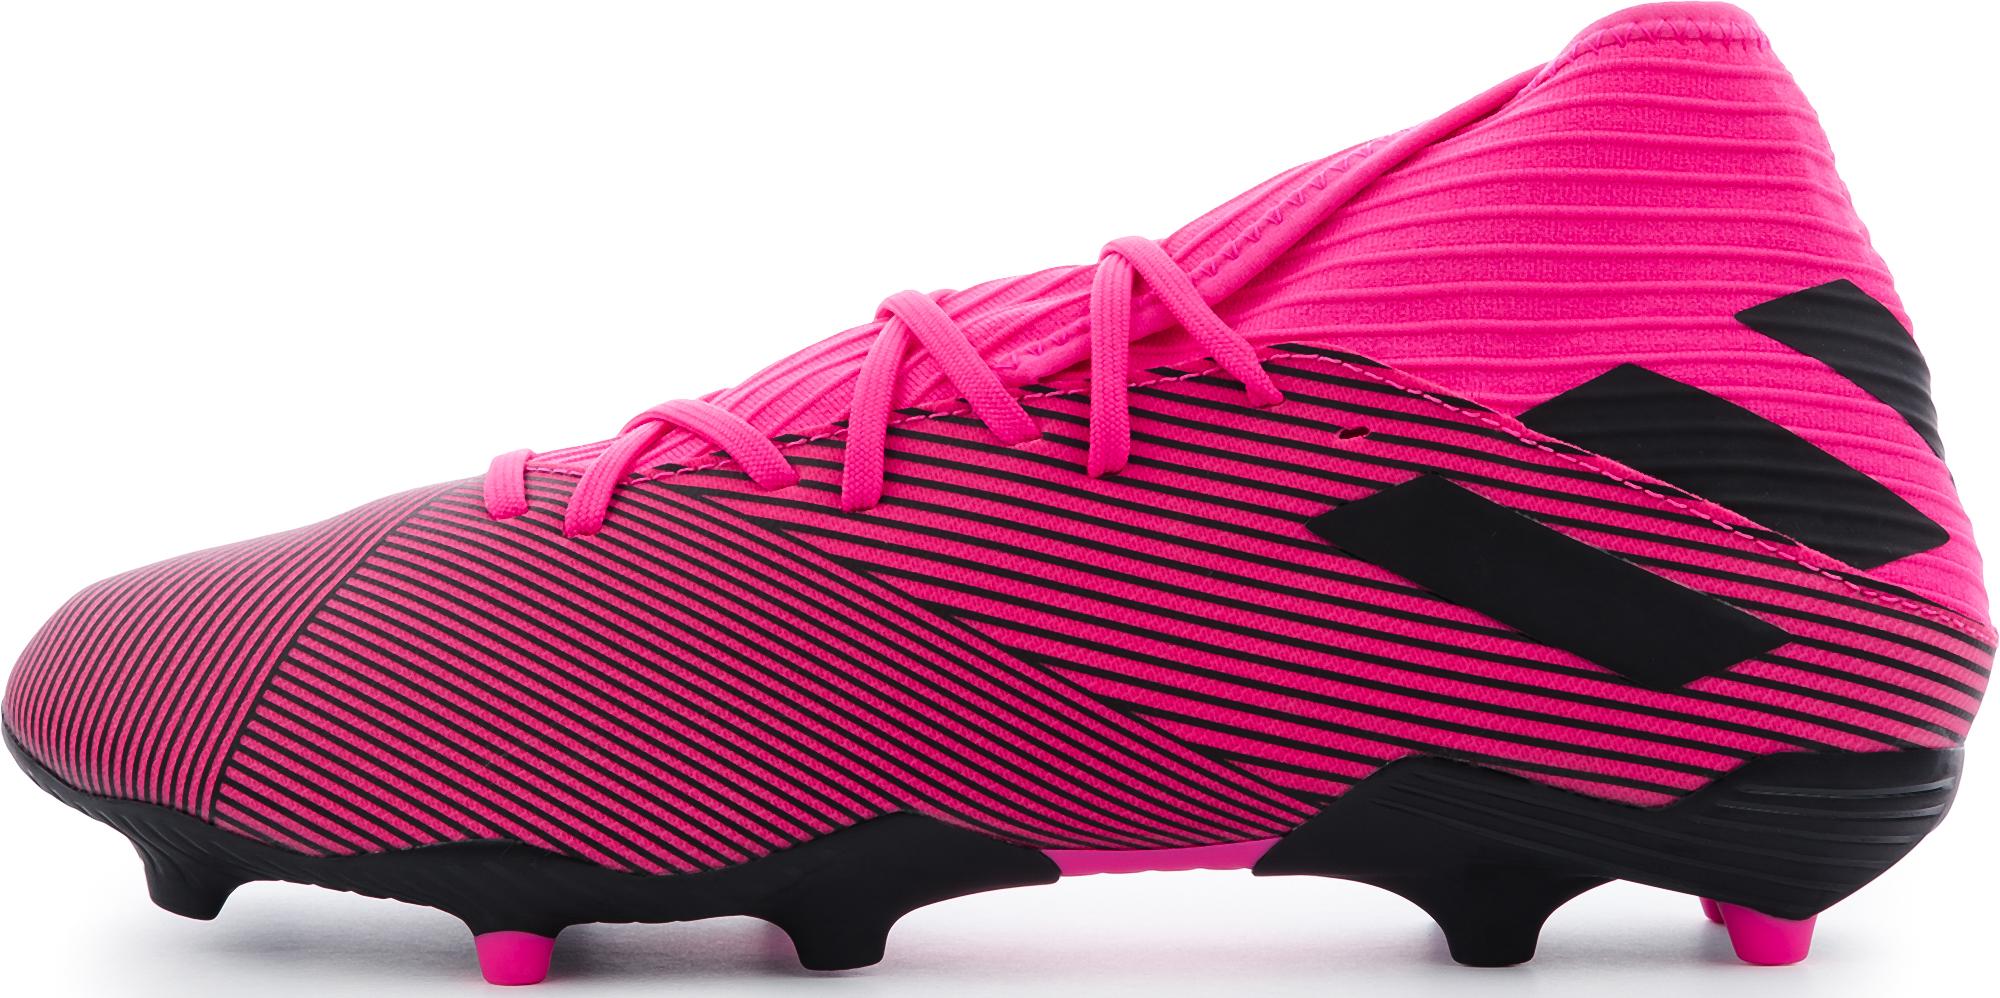 Adidas Бутсы мужские Nemeziz 19.3 FG, размер 44,5